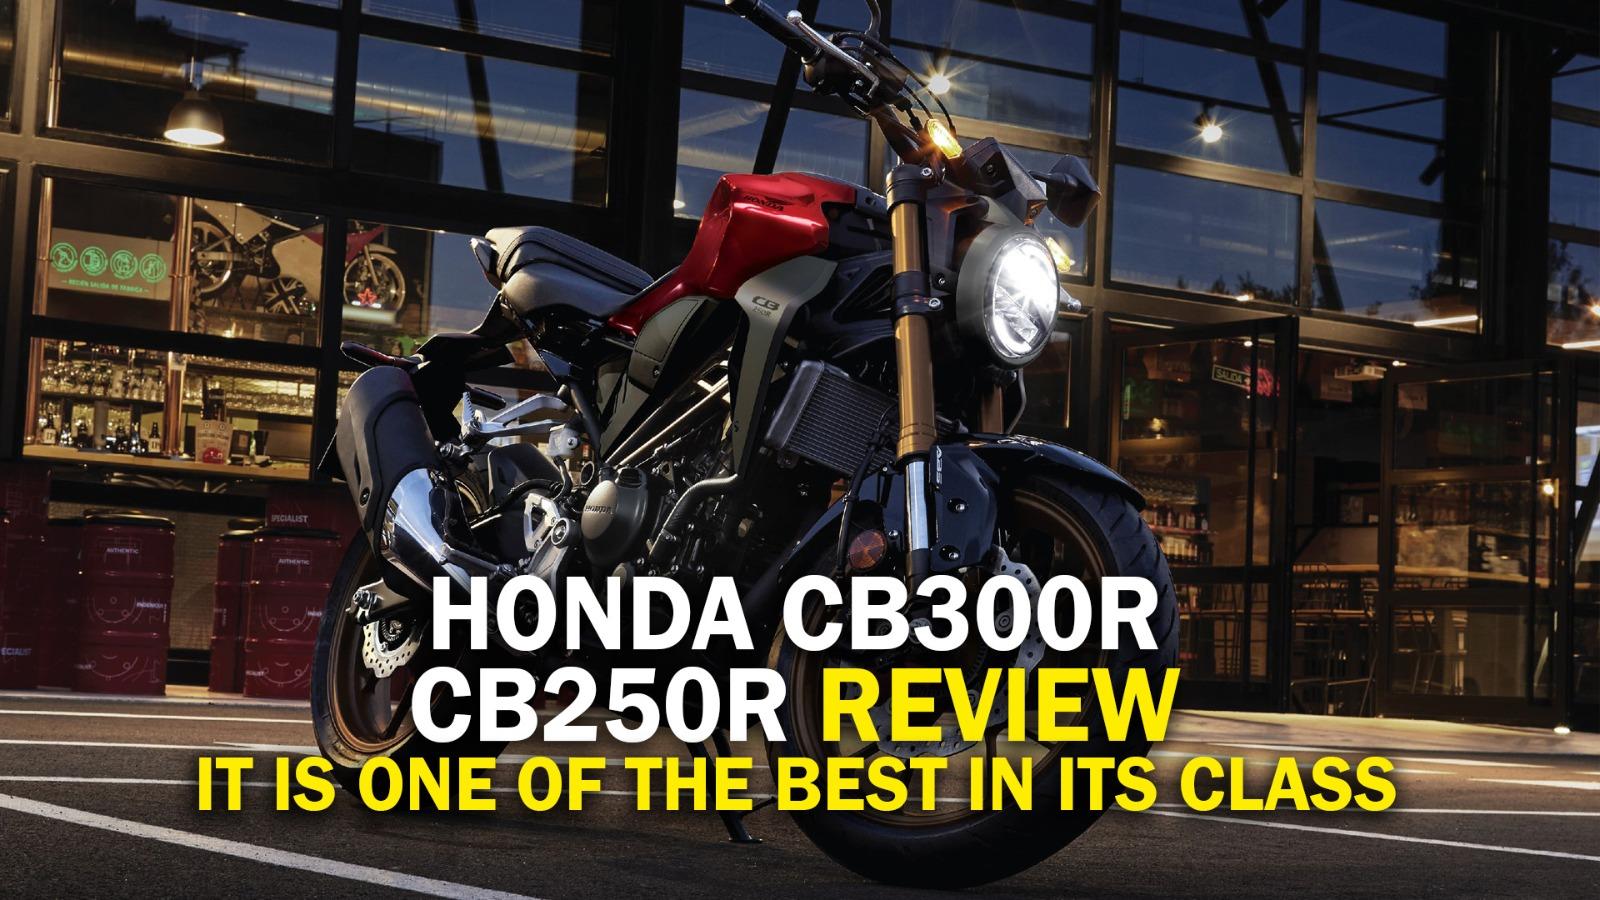 Honda CB250R / CB300R Review